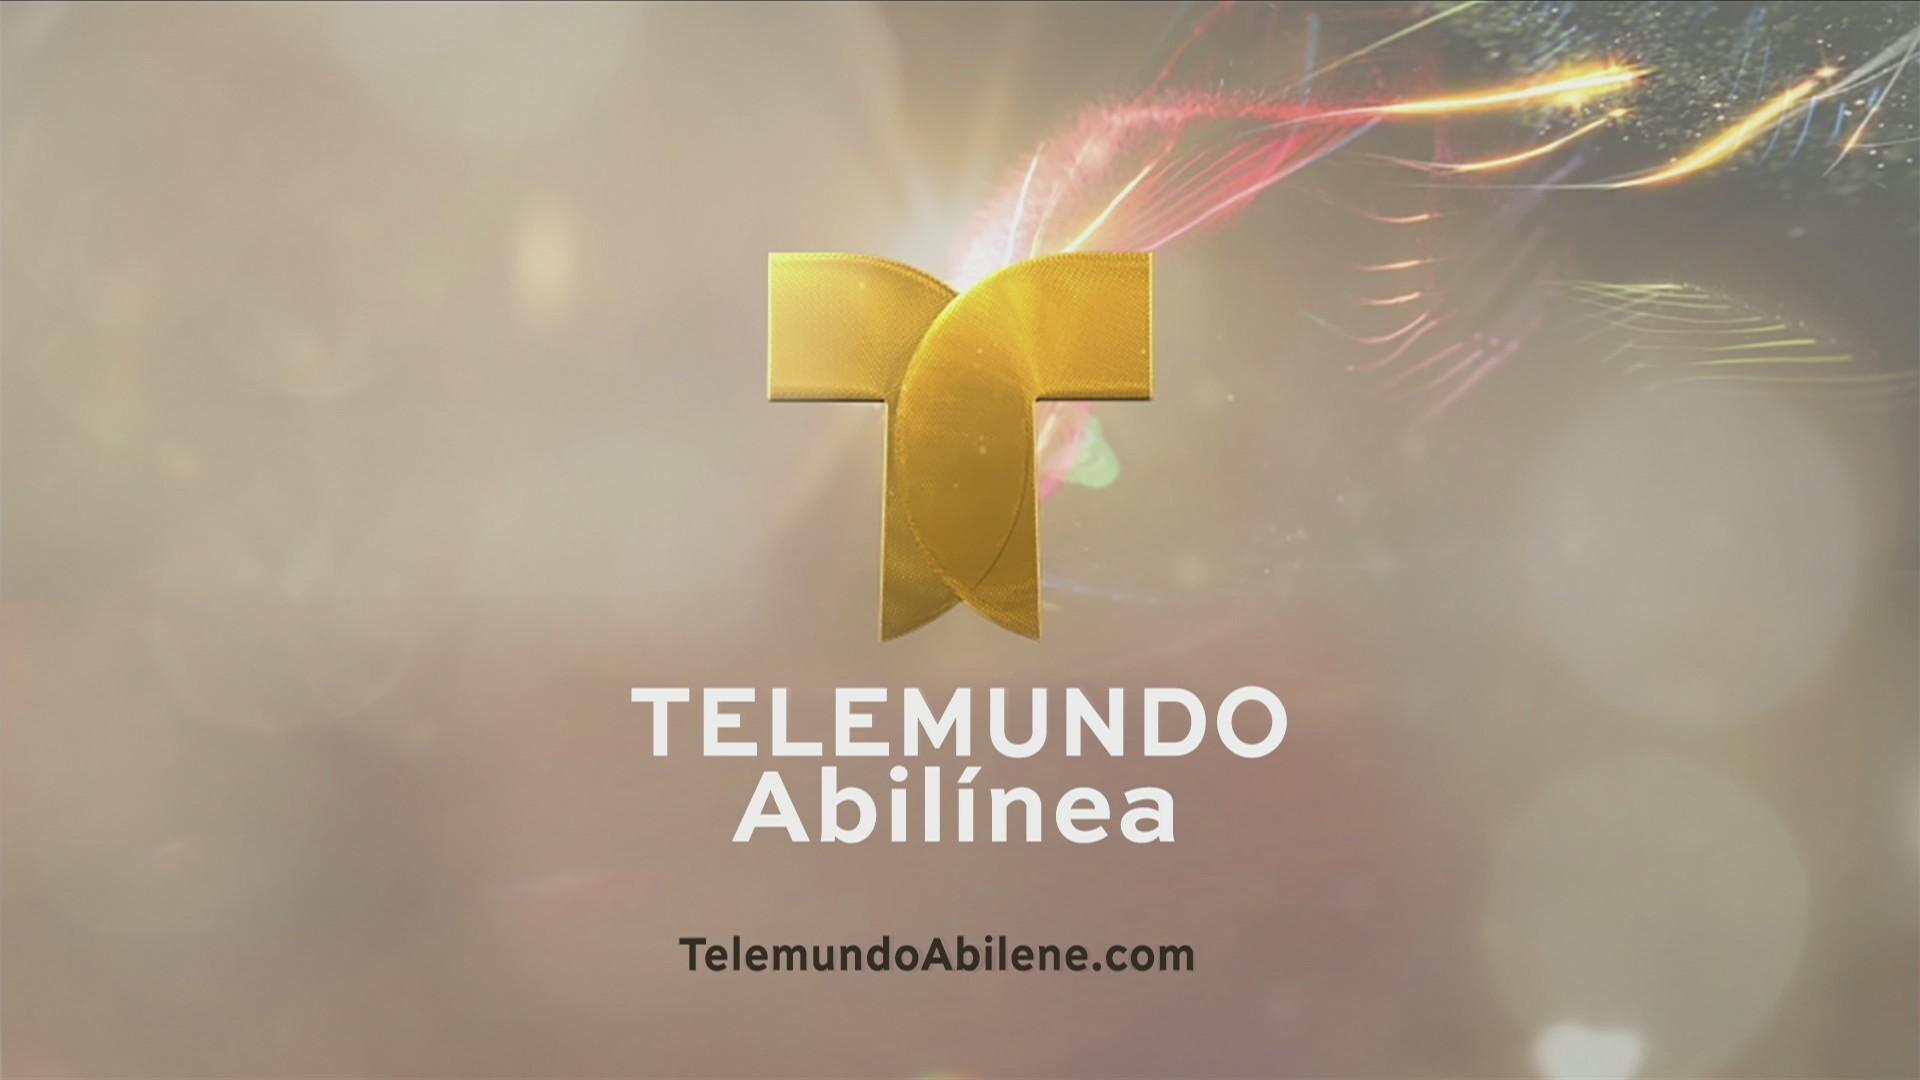 Telemundo Abilínea - 15 de febrero, 2019